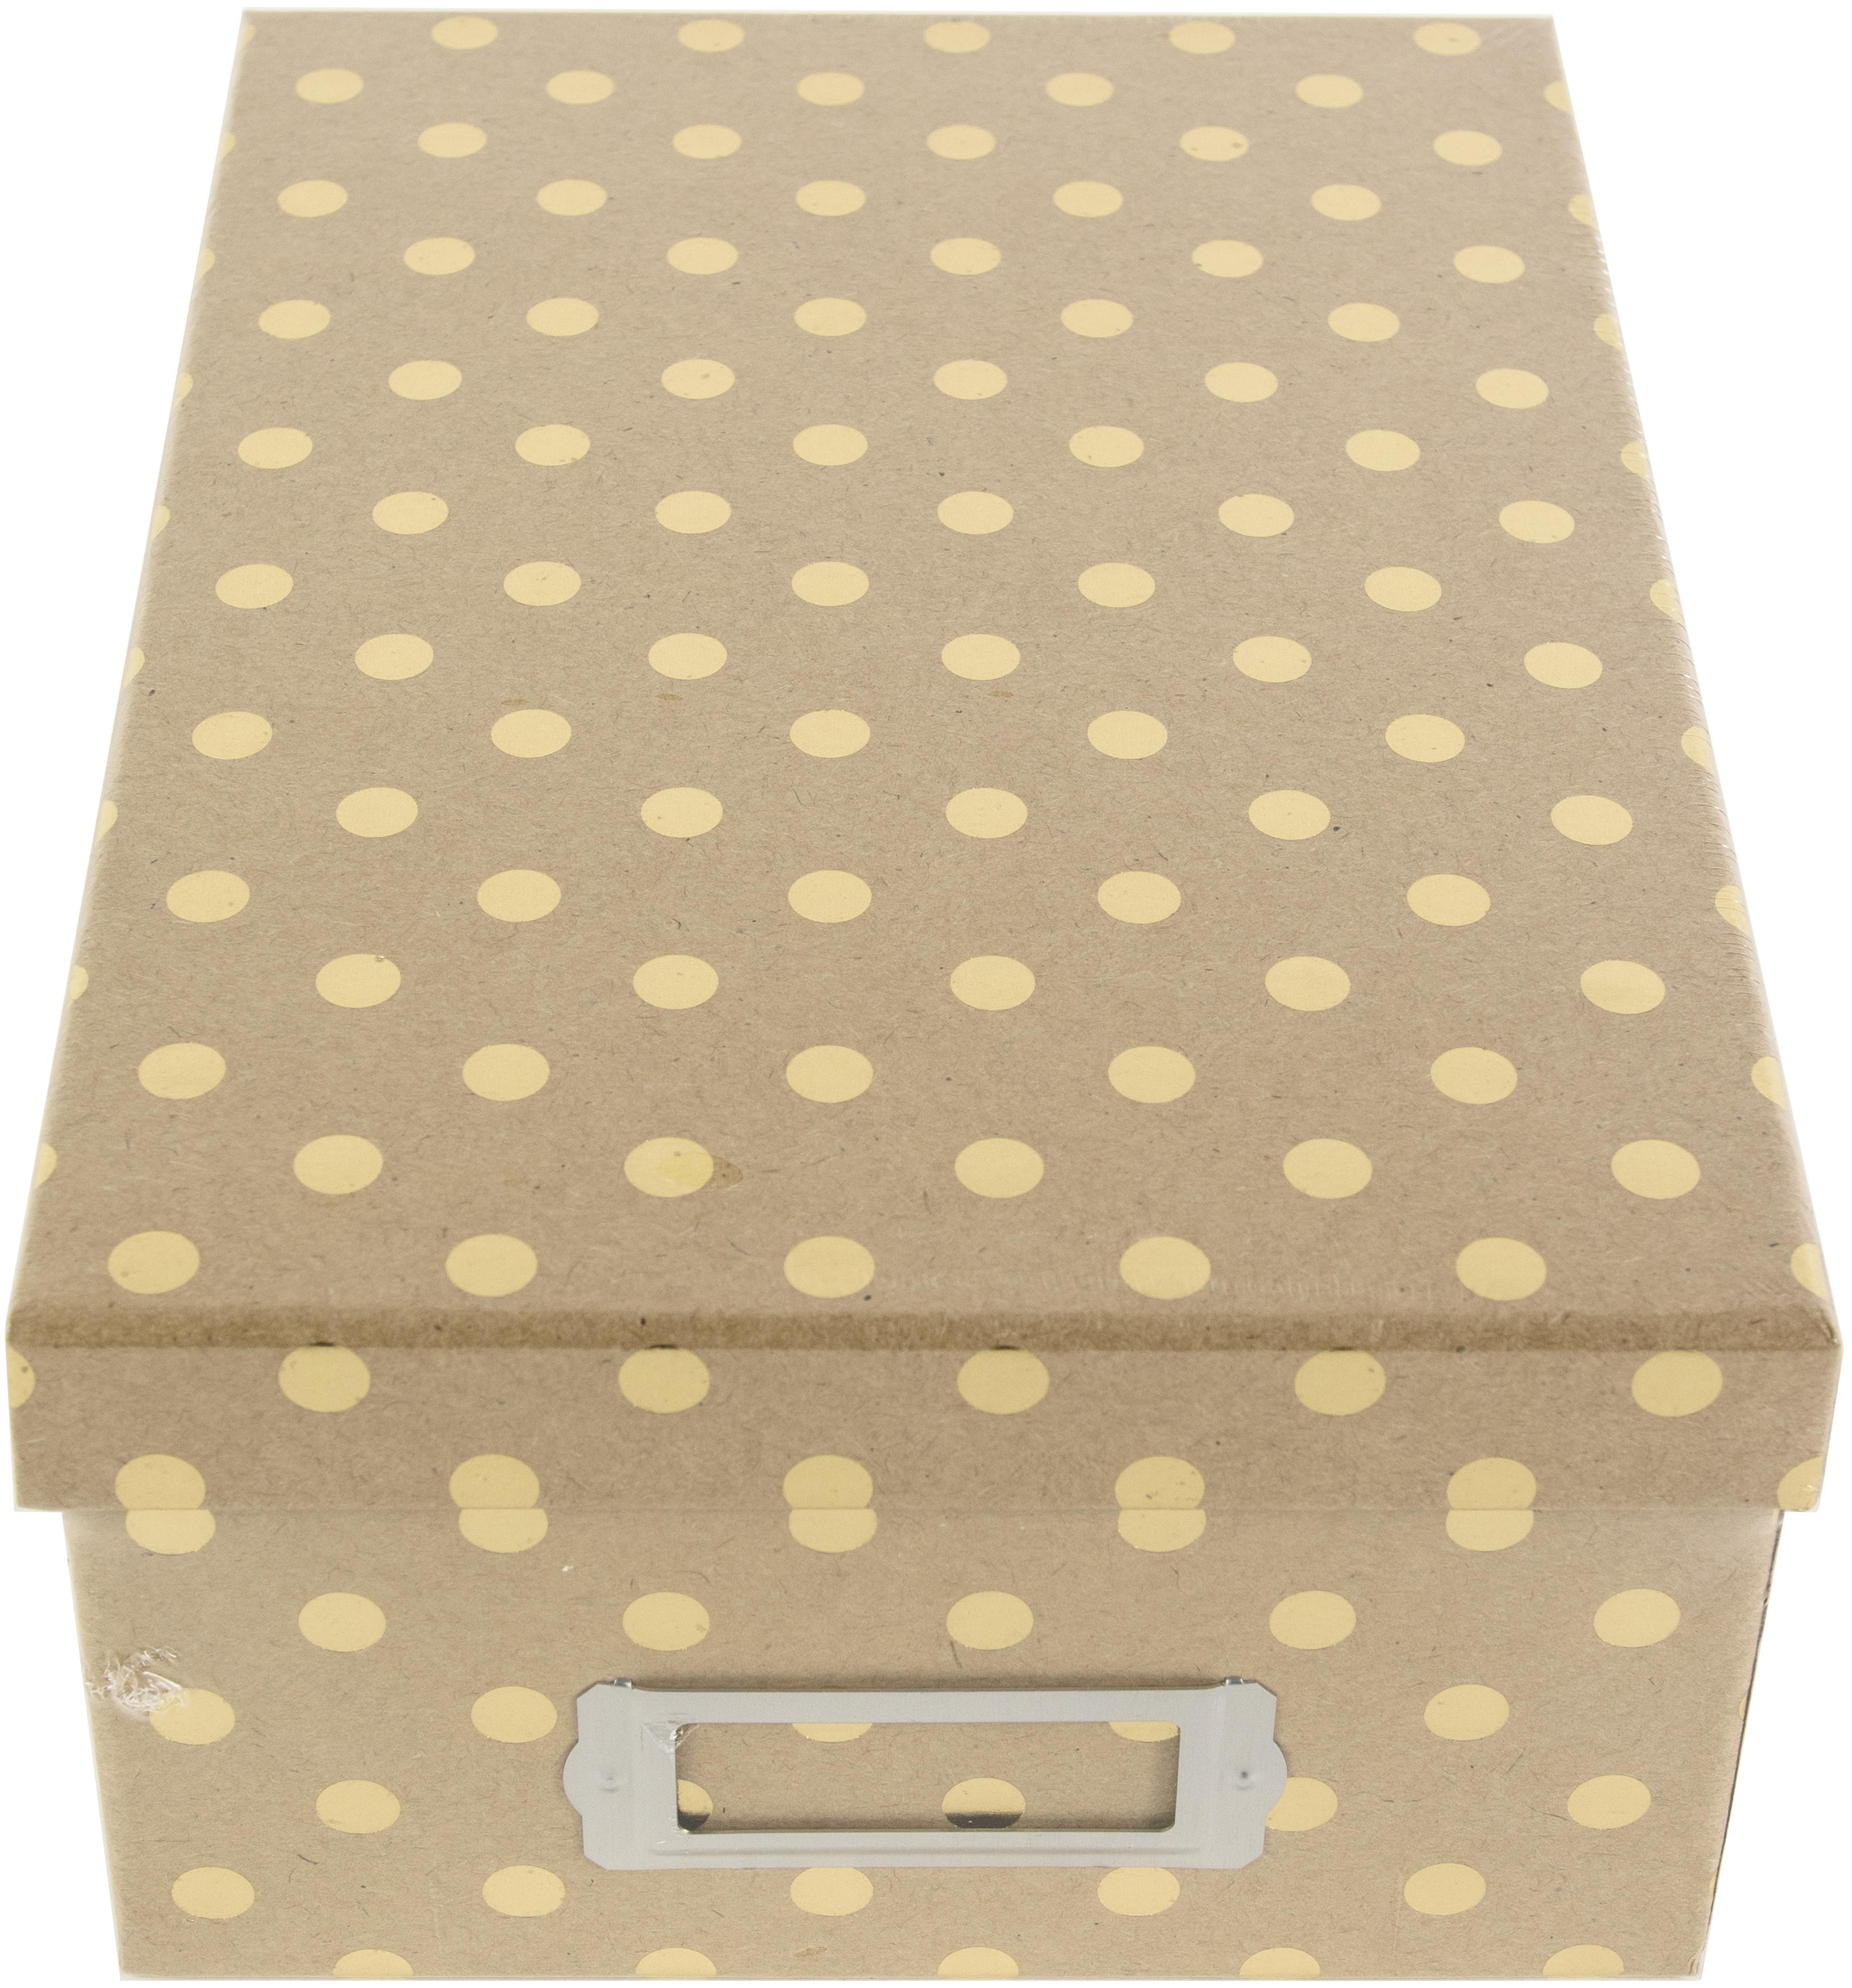 DCWV Photo Box W/Bookplate 11X7.375X4.375-Kraft W/Gold Dots